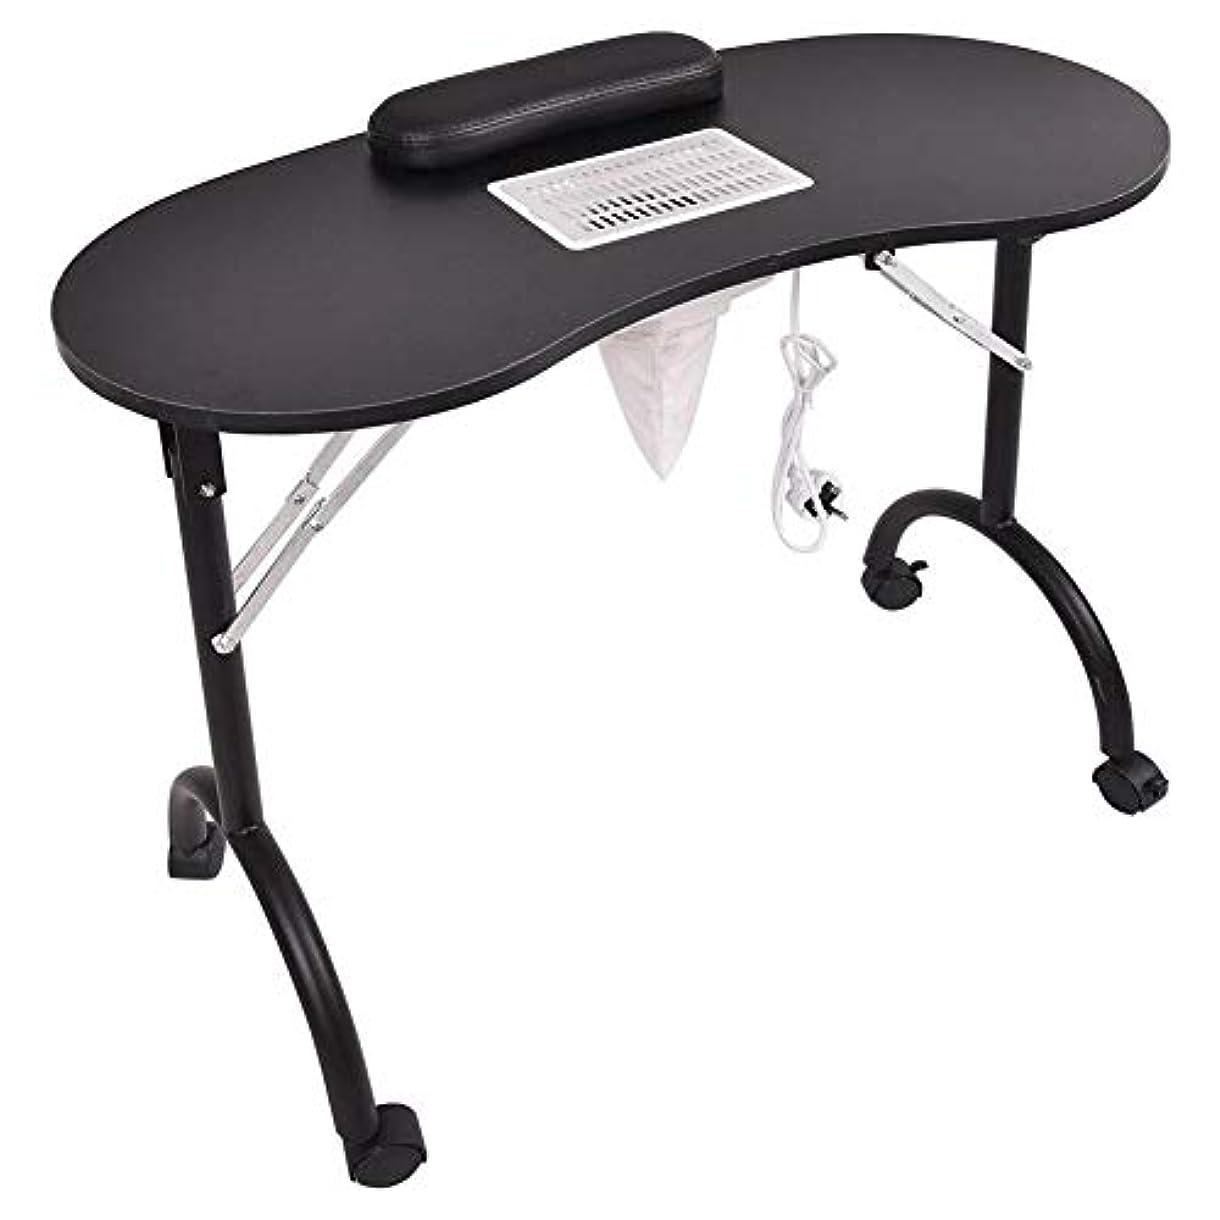 許可特権平和マニキュアテーブル折りたたみ式ポータブルネイルテーブルベントマニキュアテーブルネイルデスクサロンスパネイル掃除機andbag